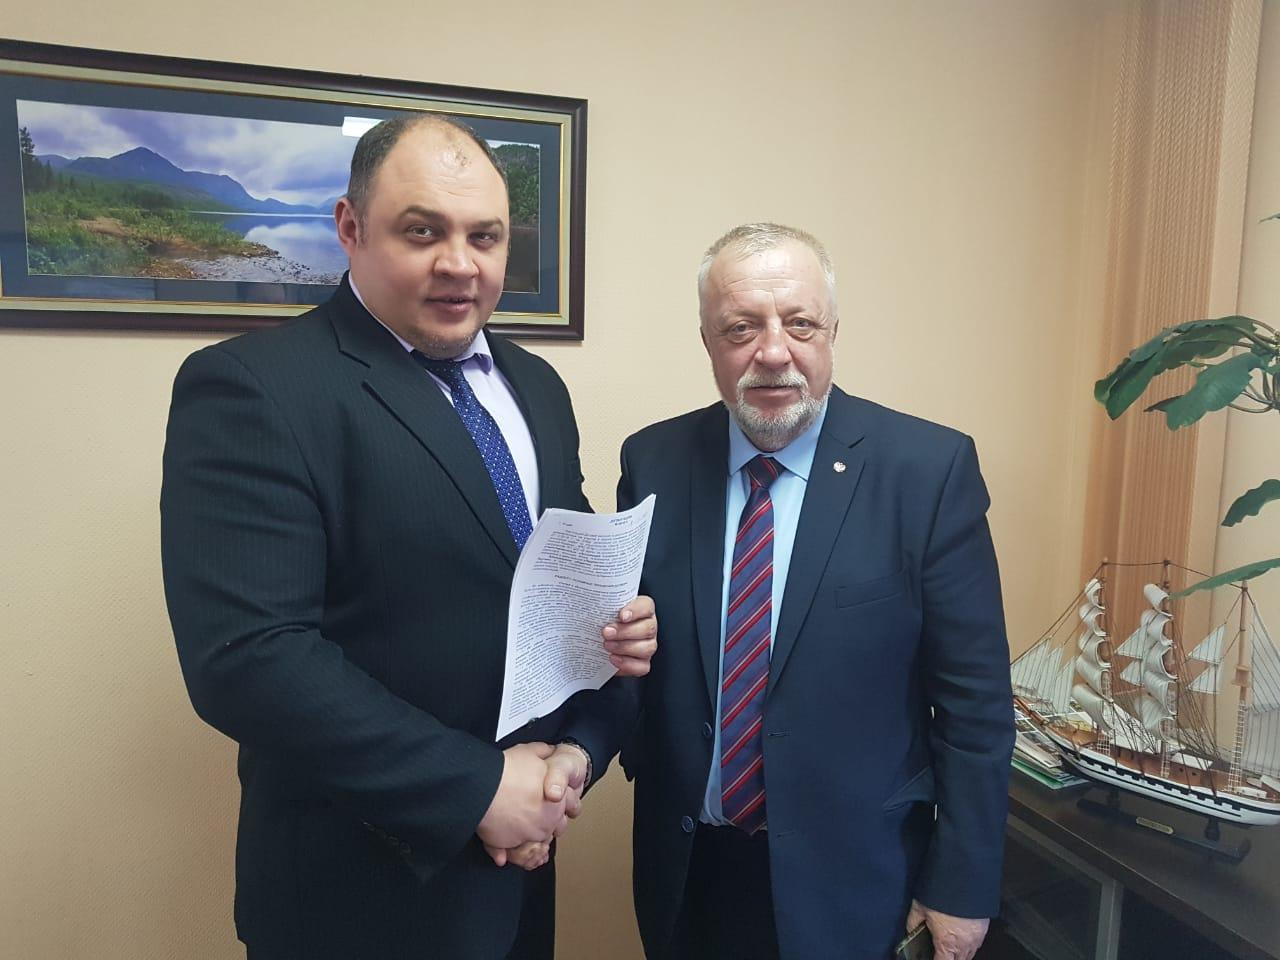 ООО «Ассоциация строителей АЯМ» и МО «Город Алдан» подписали соглашение о сотрудничестве